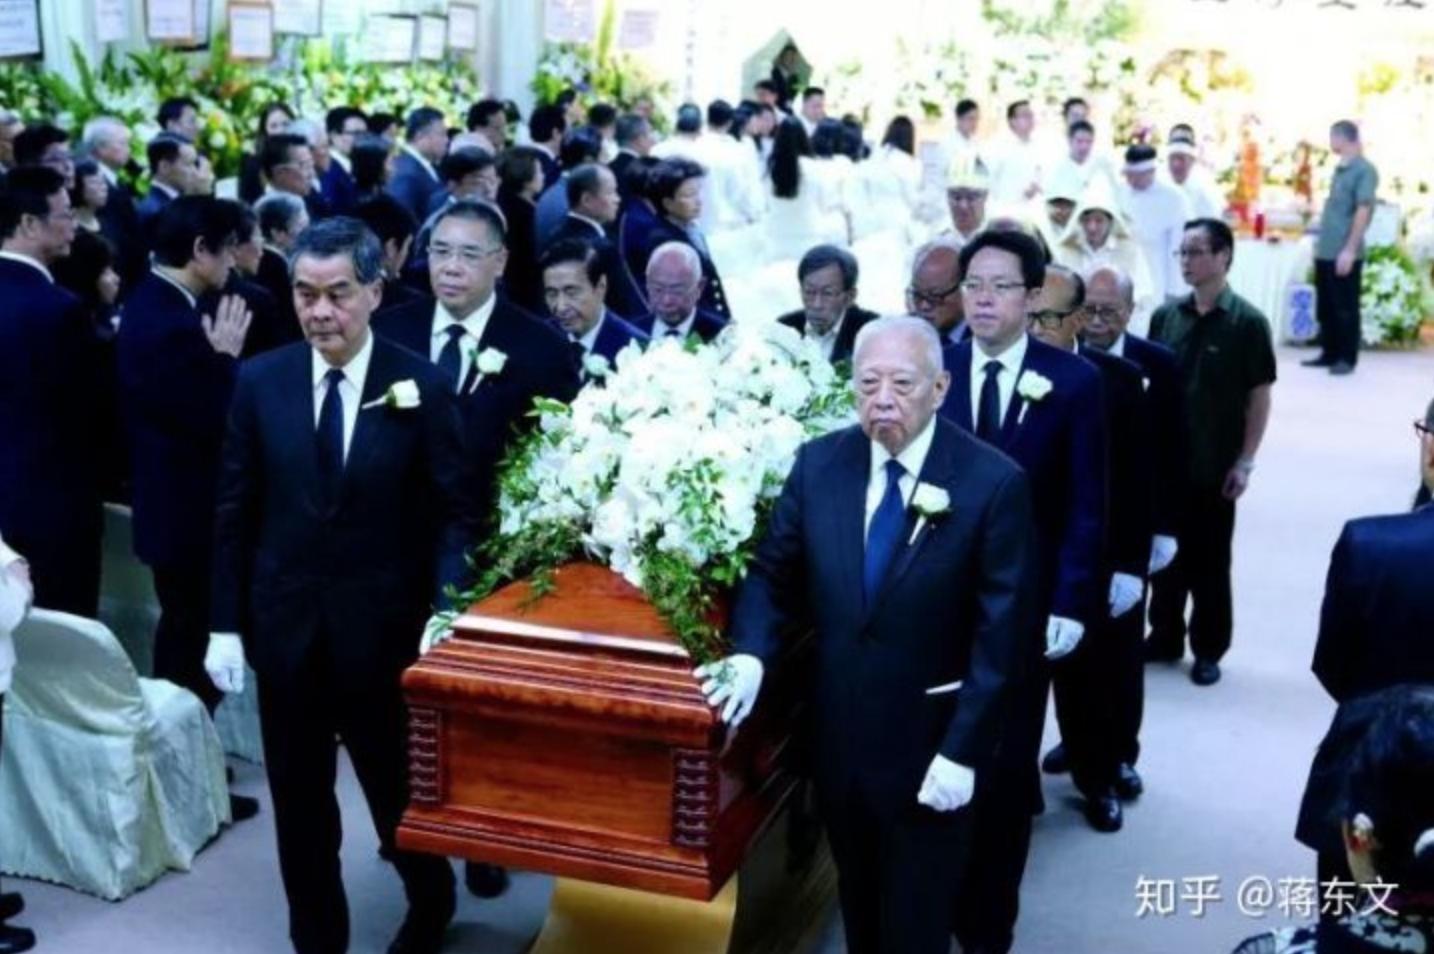 2016 年9月29日,鄭裕彤因病去世,享年91歲。梁振英、李嘉誠等人均到場為其扶靈。(網路圖片)